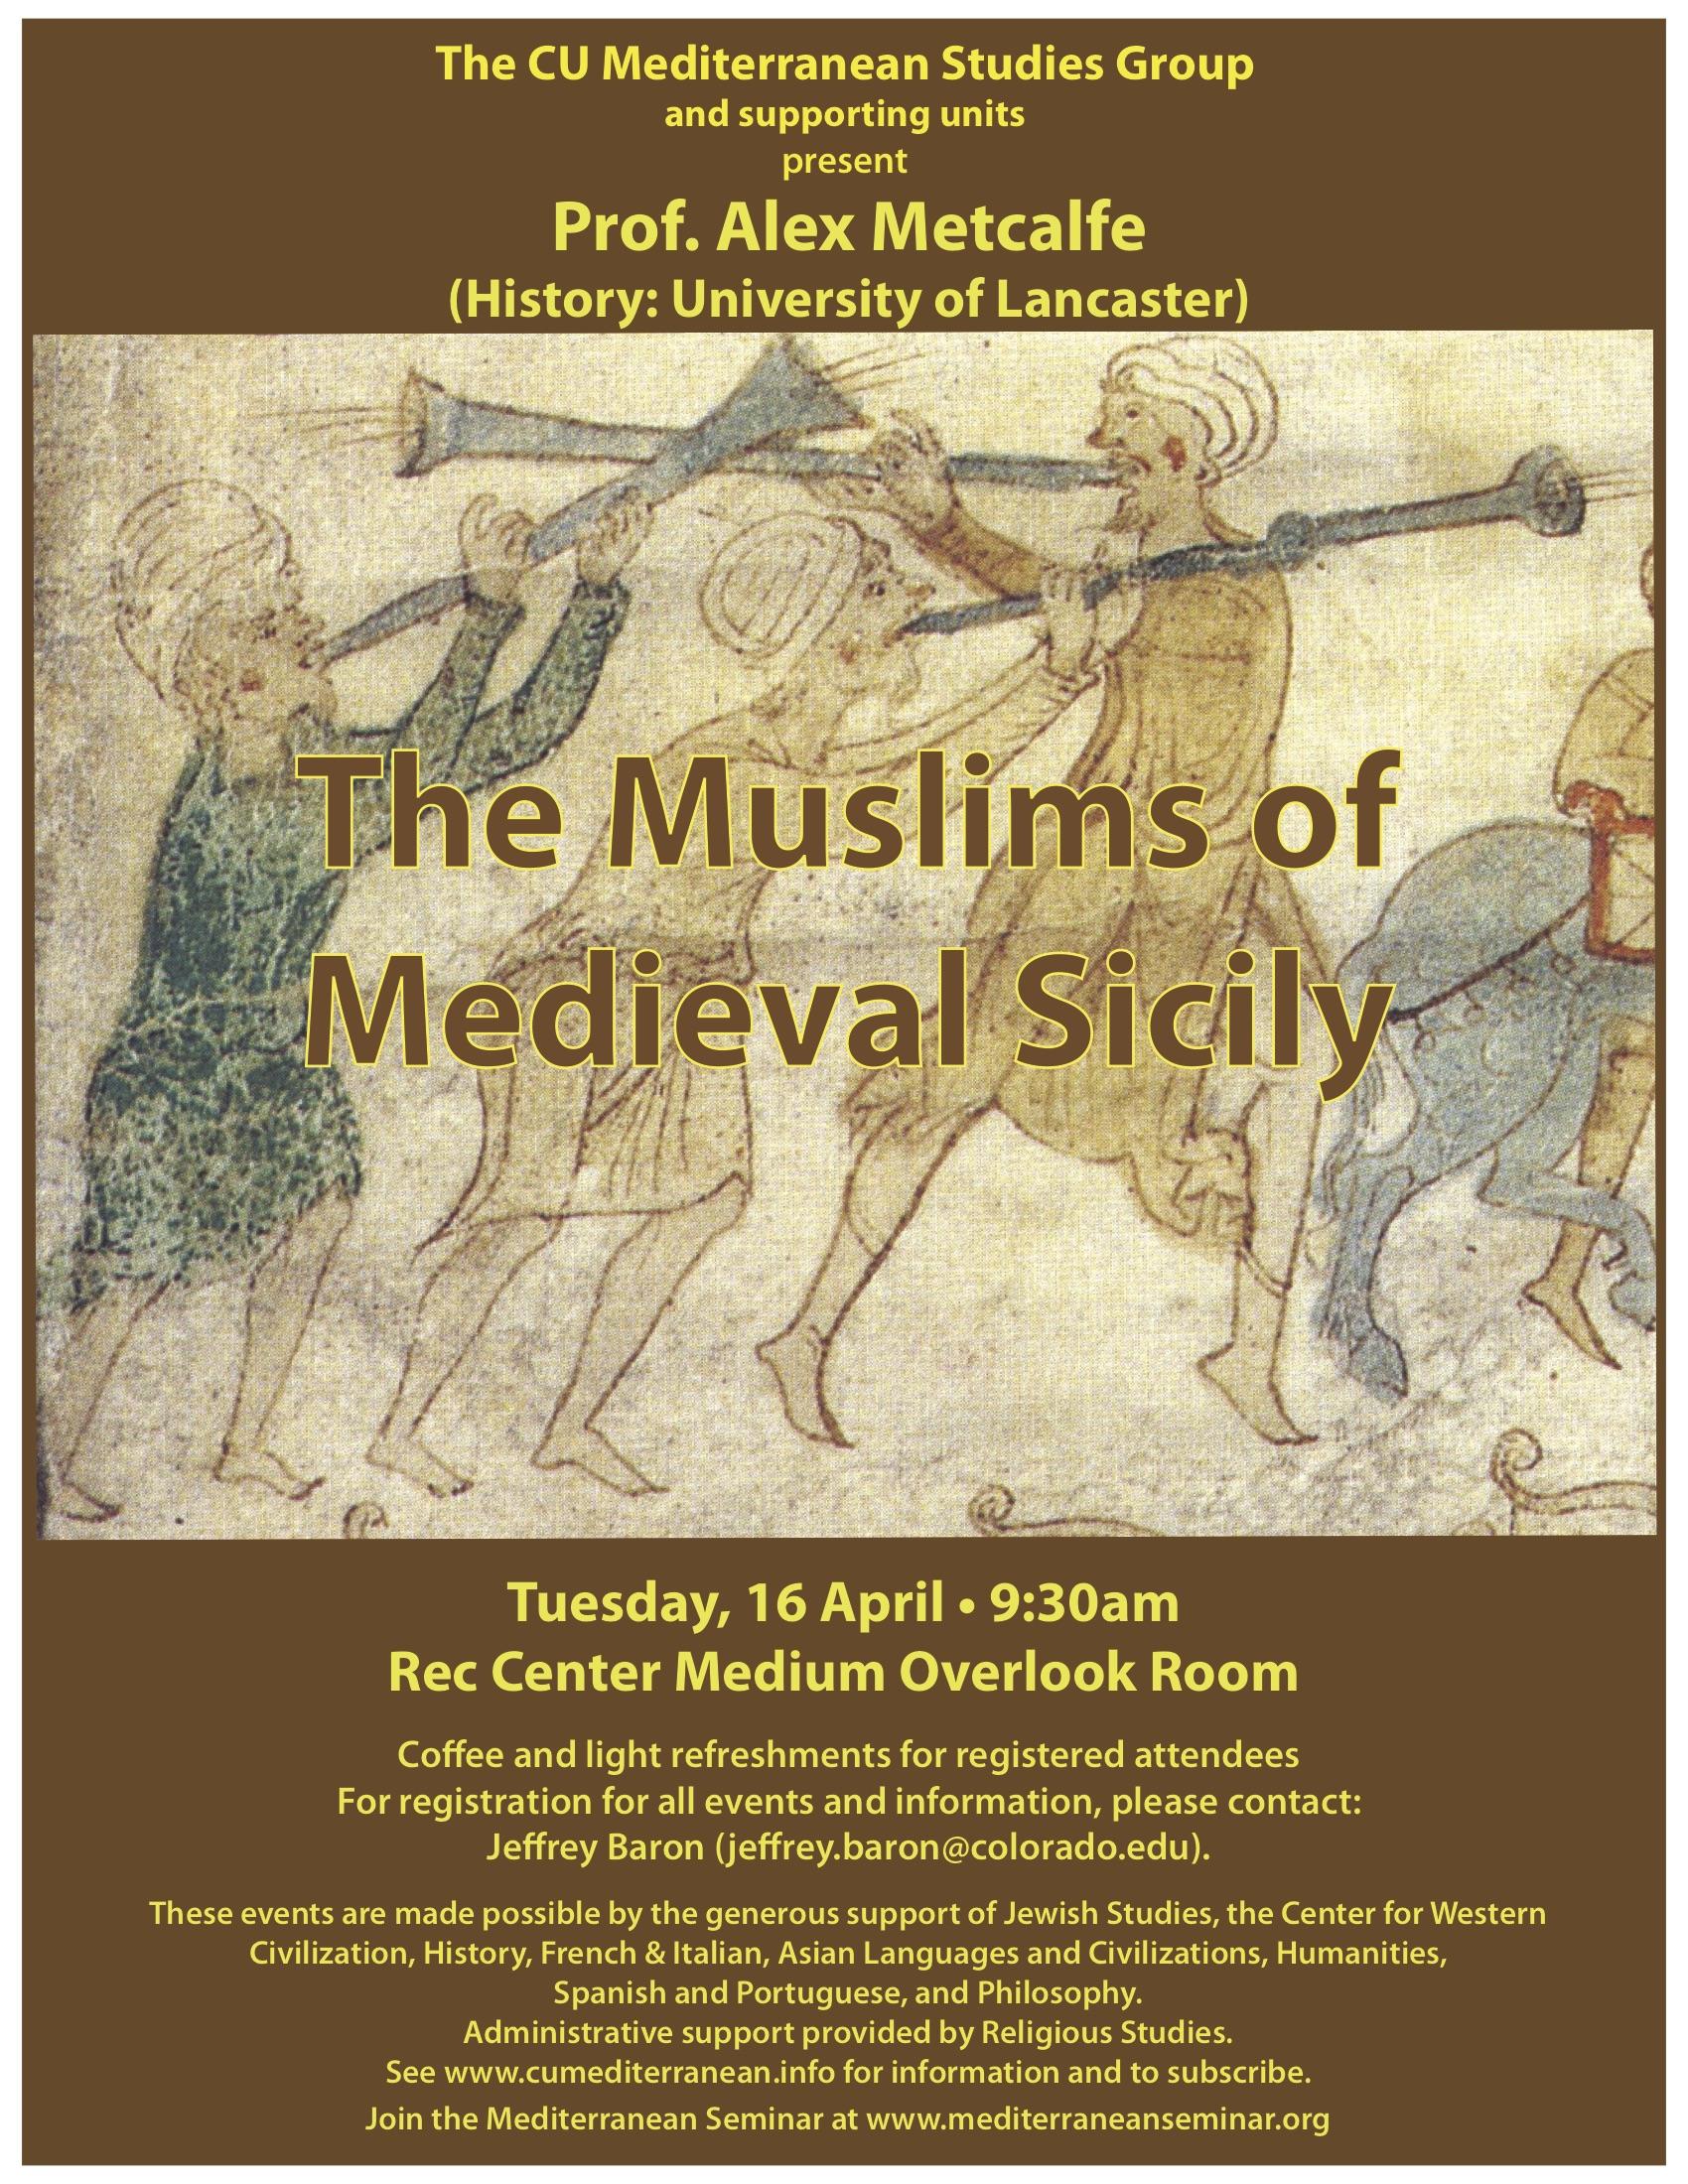 190416 CU Med Group Metcalfe Muslims of Sicily.jpg